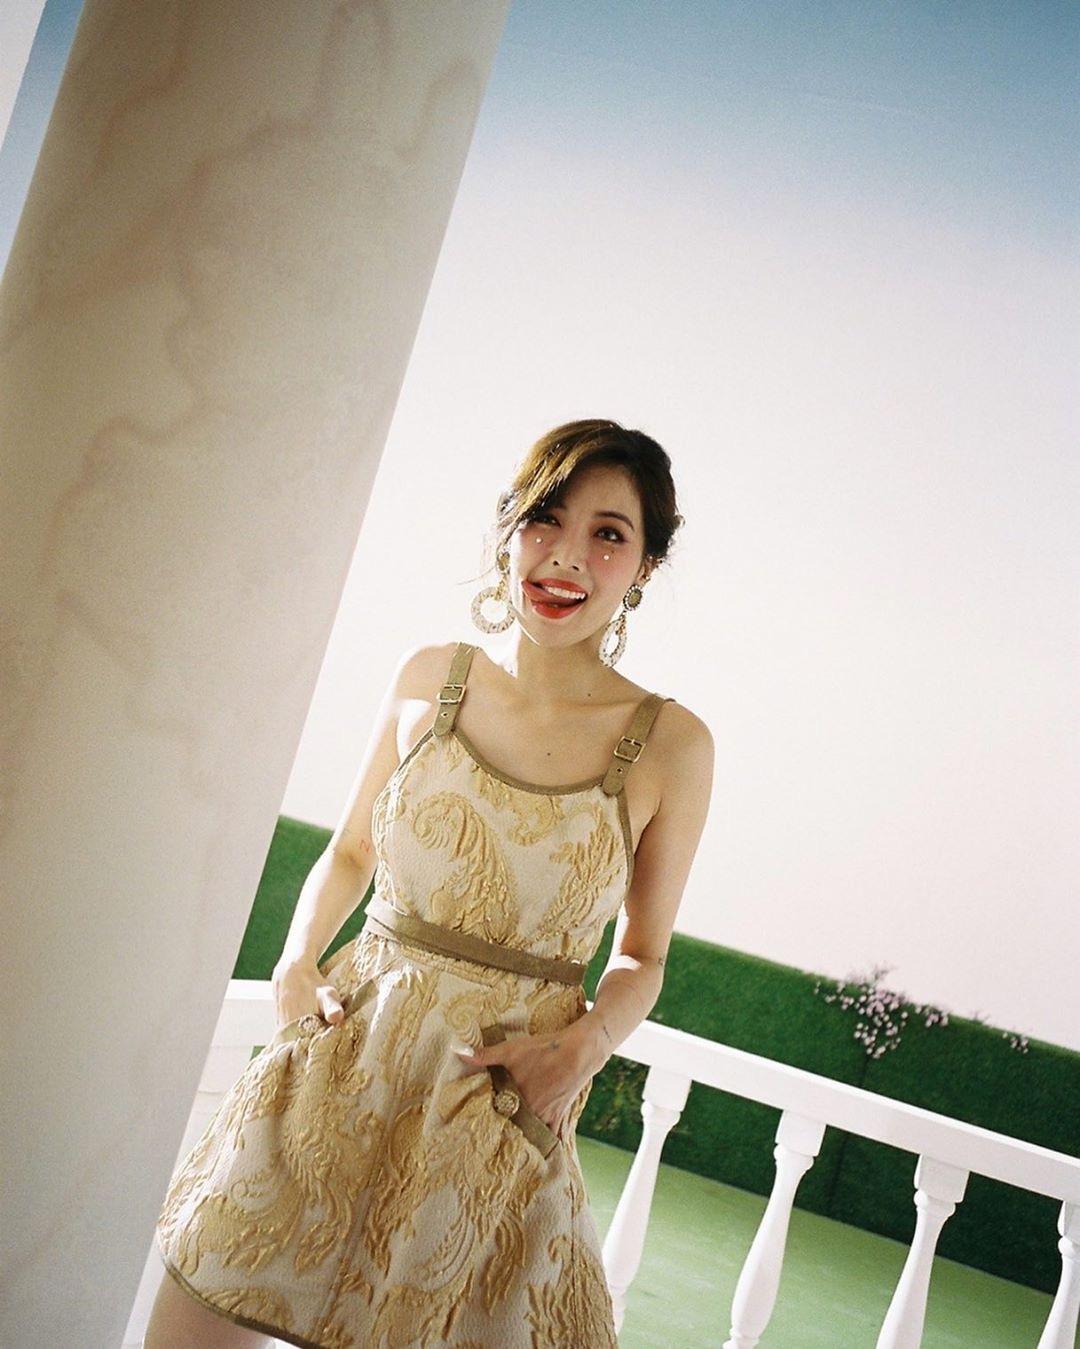 金泫雅性感金色花纹迷你连衣裙 照片成为话题期待复出